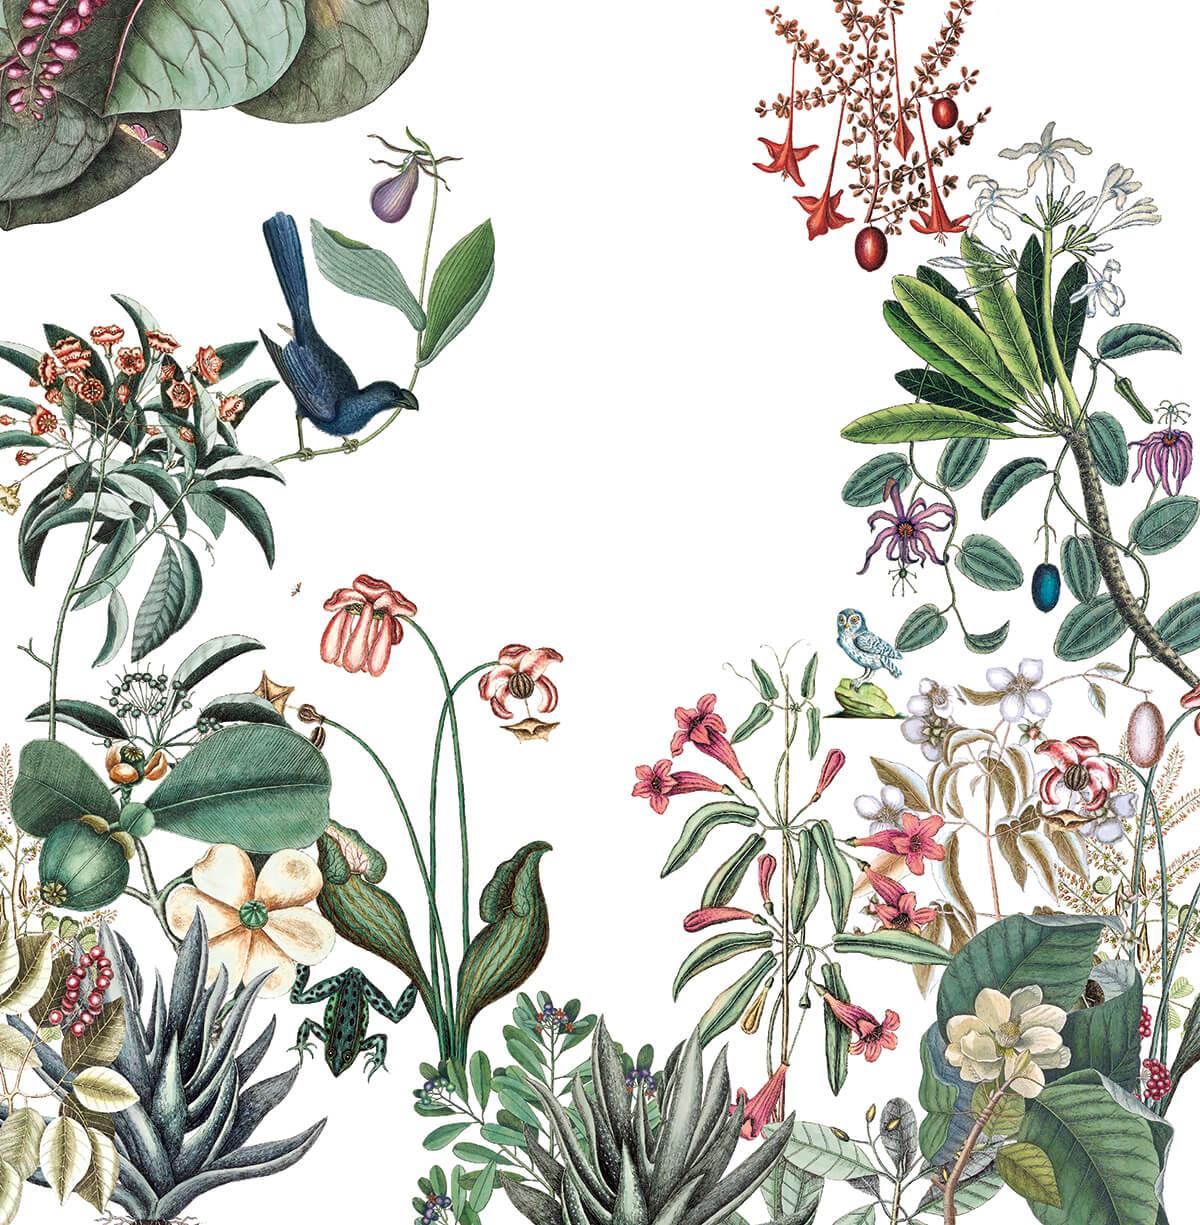 bahamas le nouveau papier peint floral sign bien fait frenchyfancy frenchy fancy. Black Bedroom Furniture Sets. Home Design Ideas